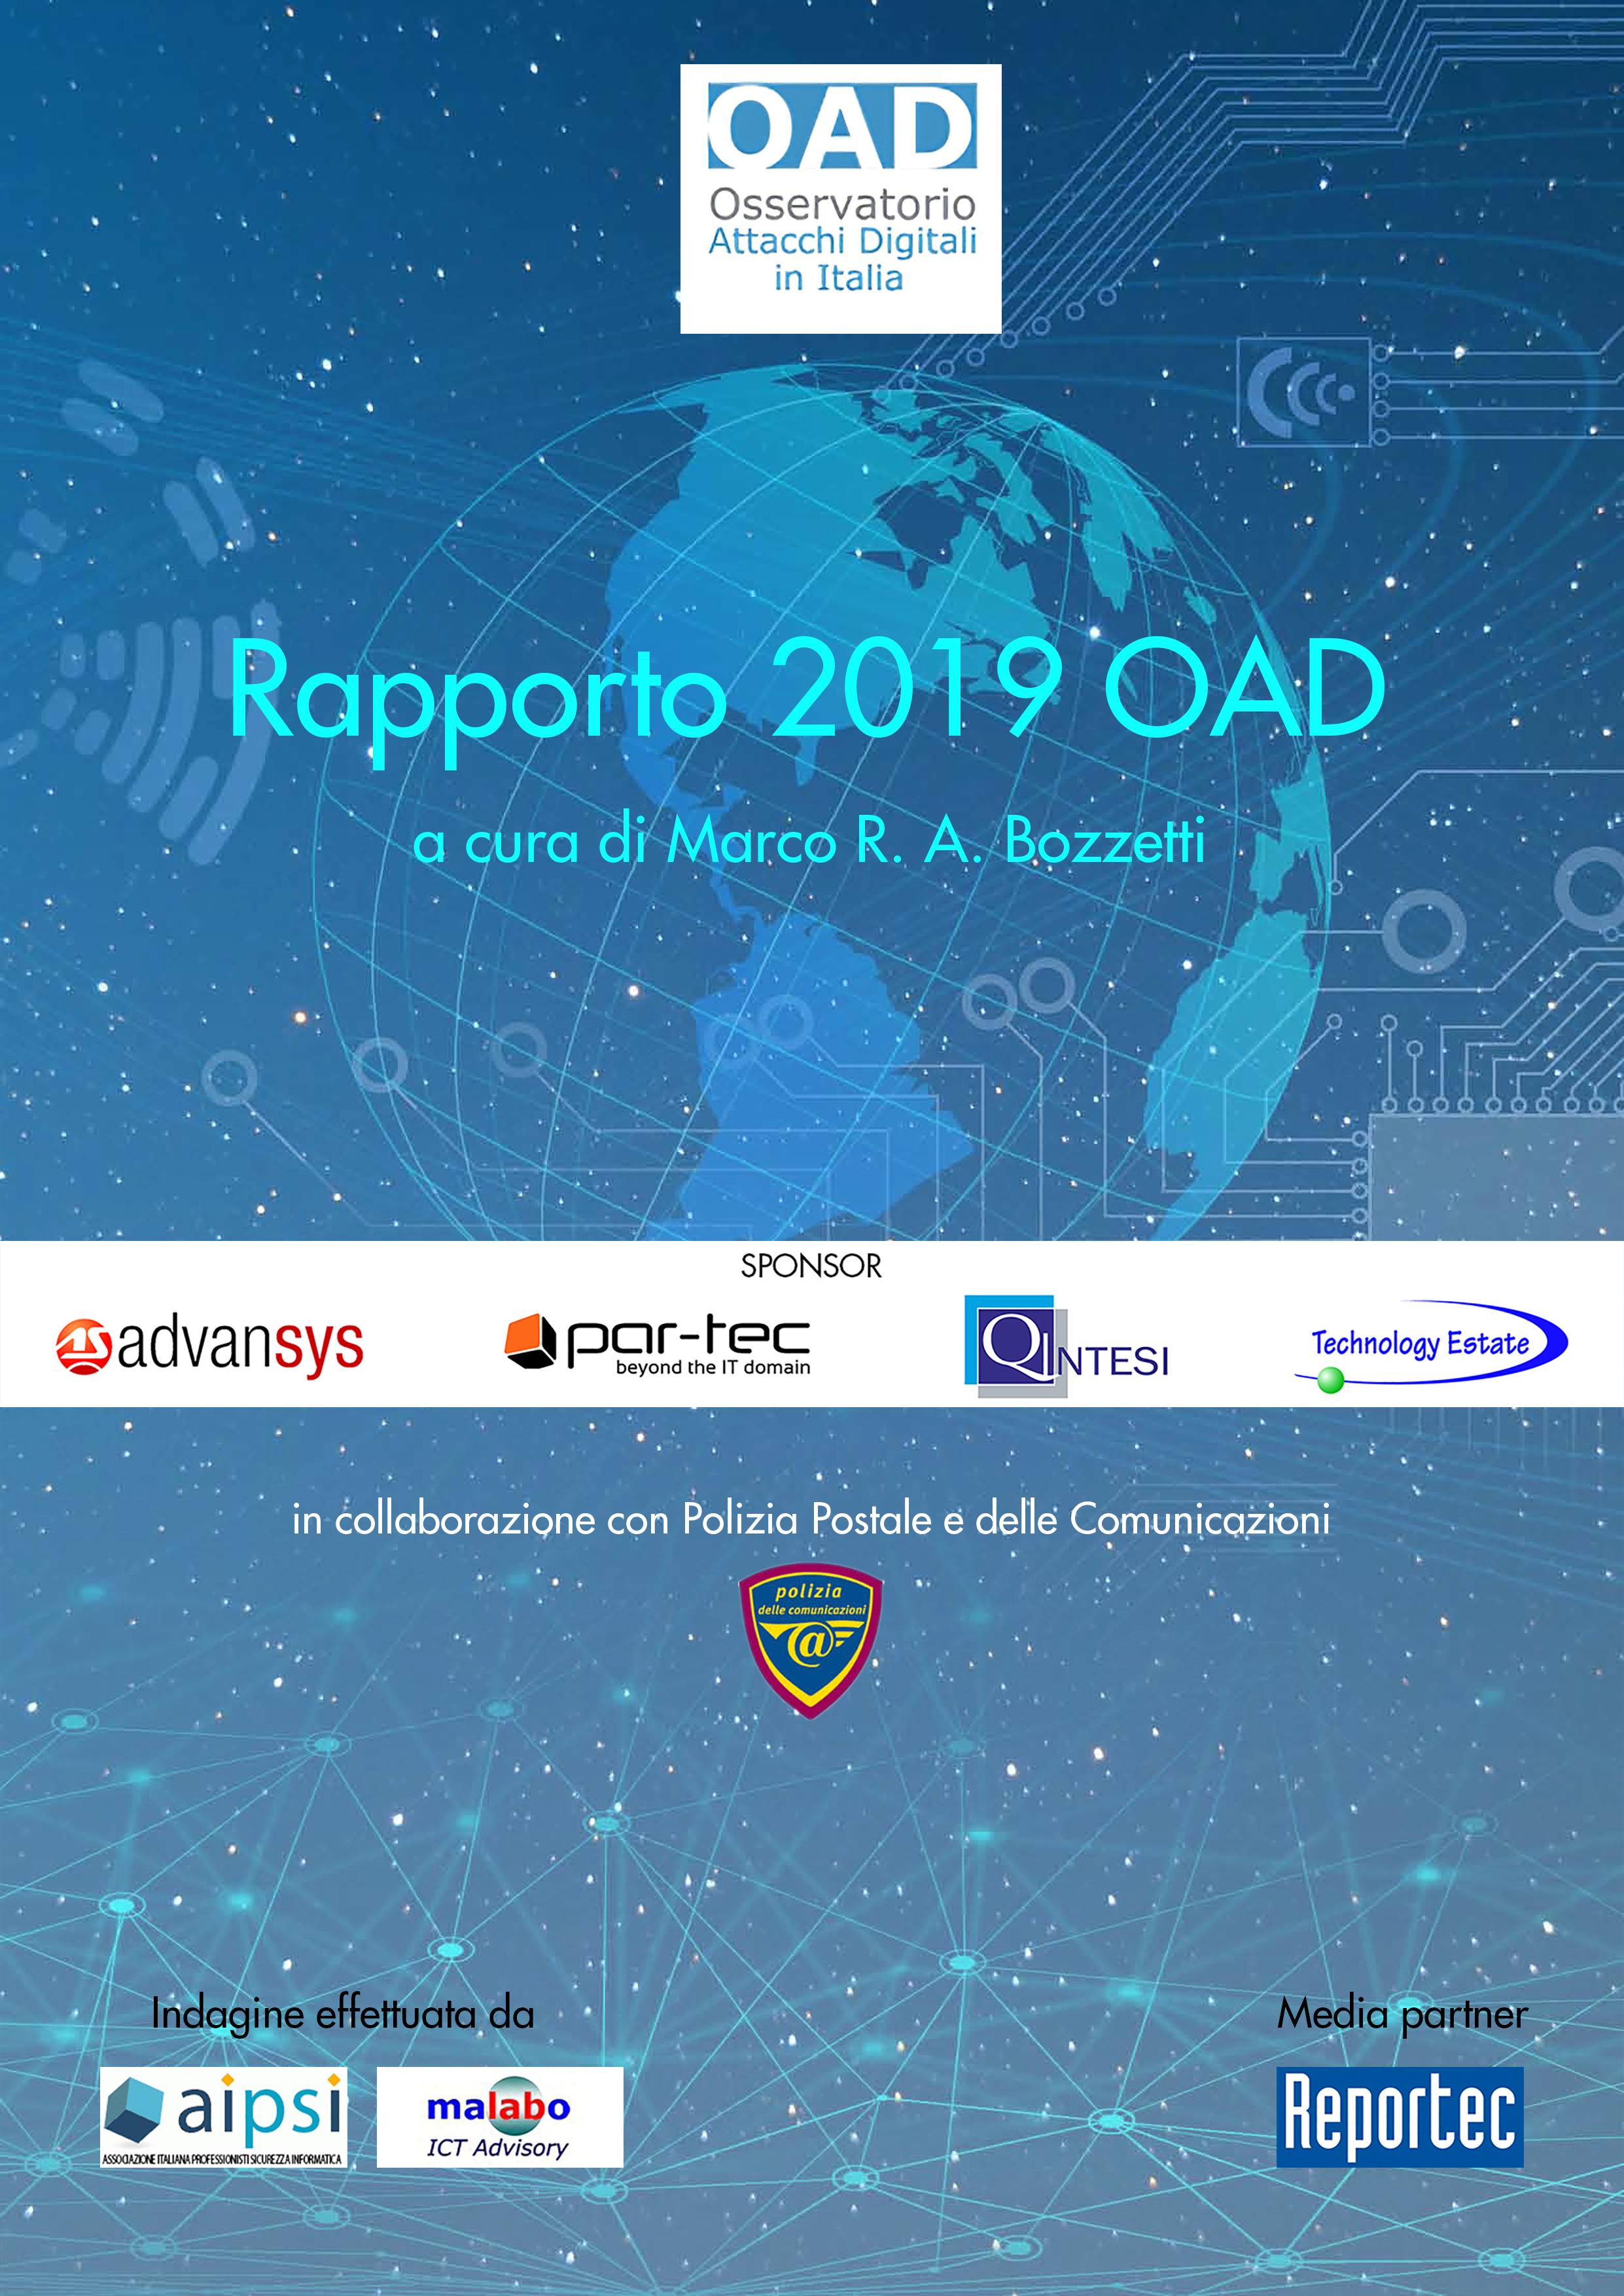 Copertina_2019_OAD_vf_CB_form_A4